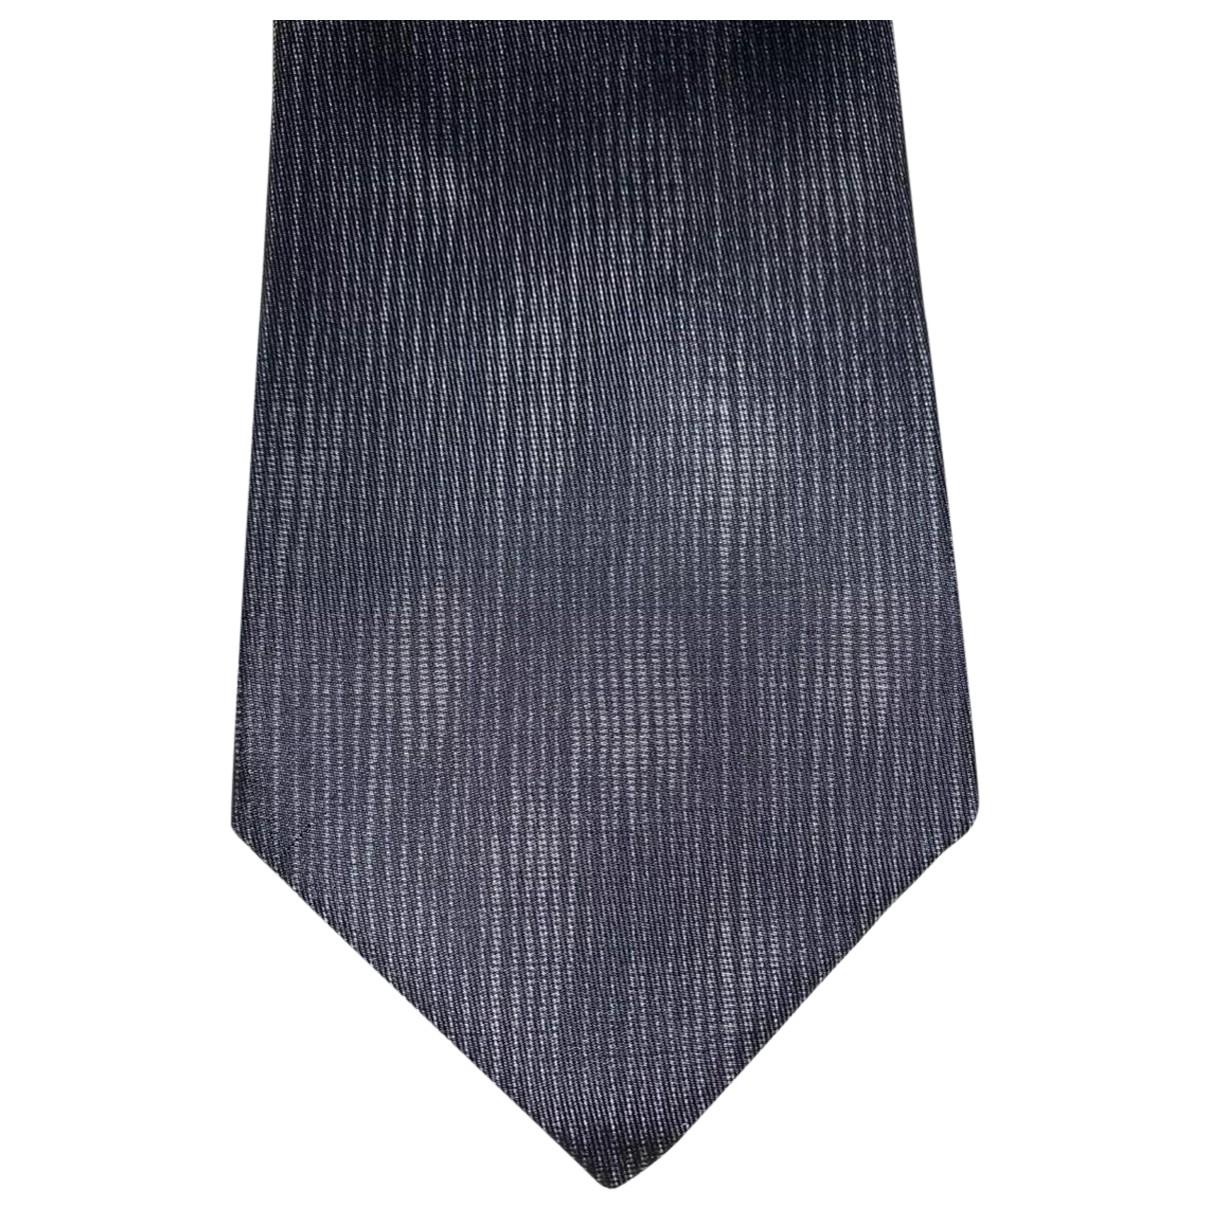 Hermes - Cravates   pour homme en soie - gris